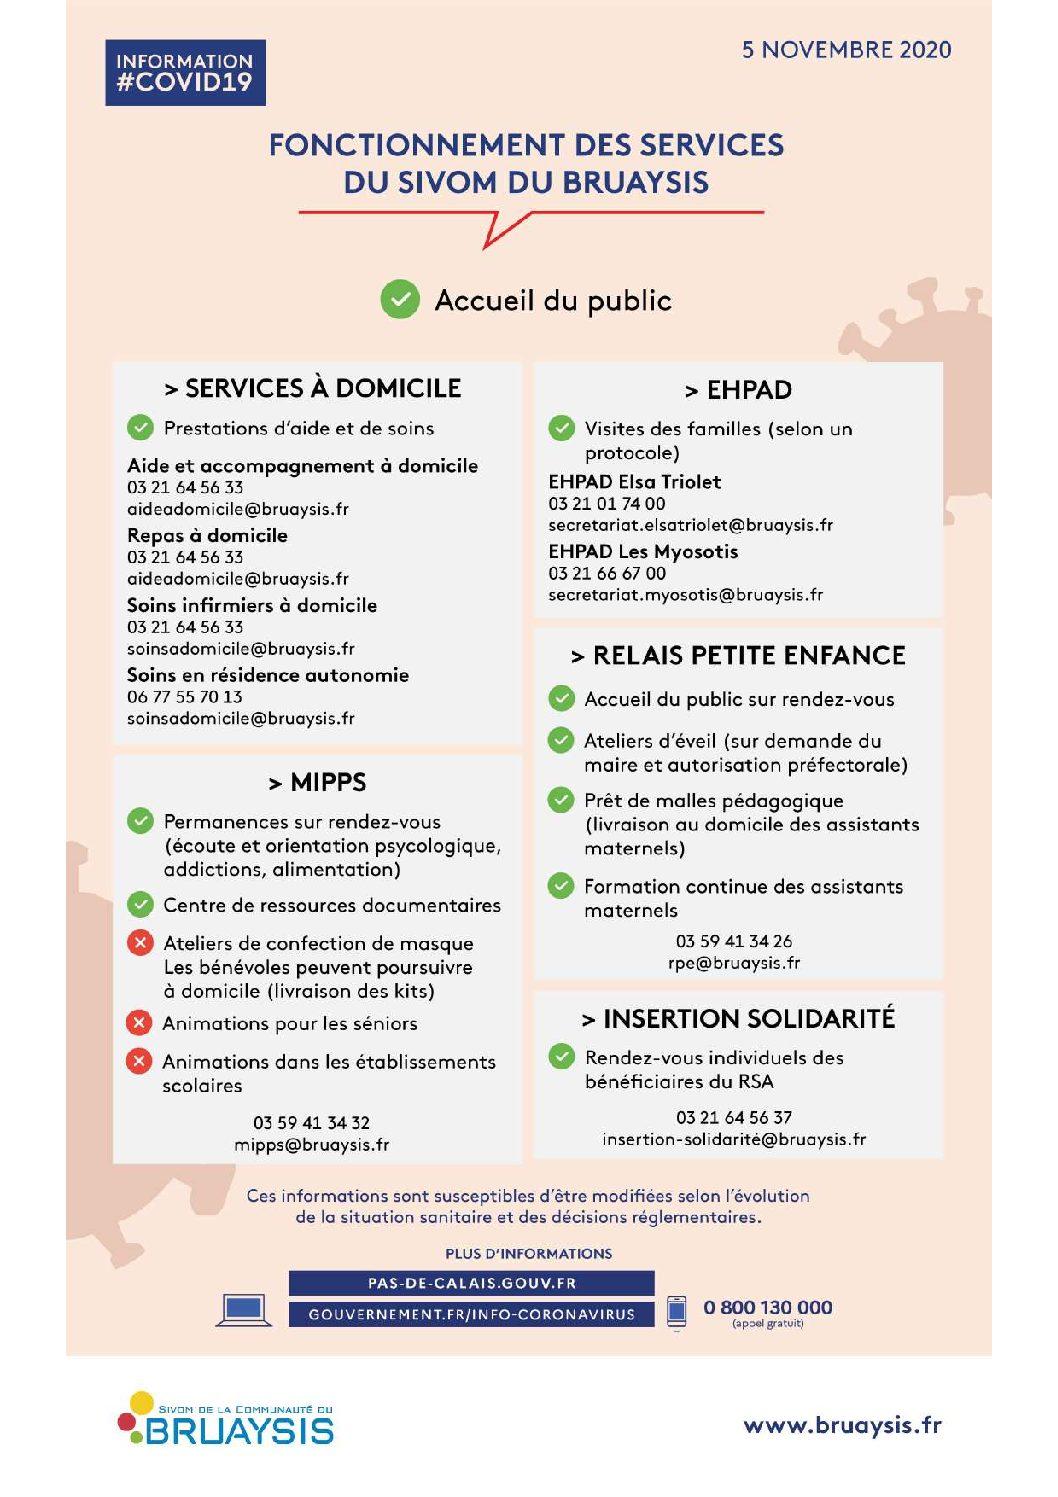 Continuité de service pour le SIVOM du Bruaysis